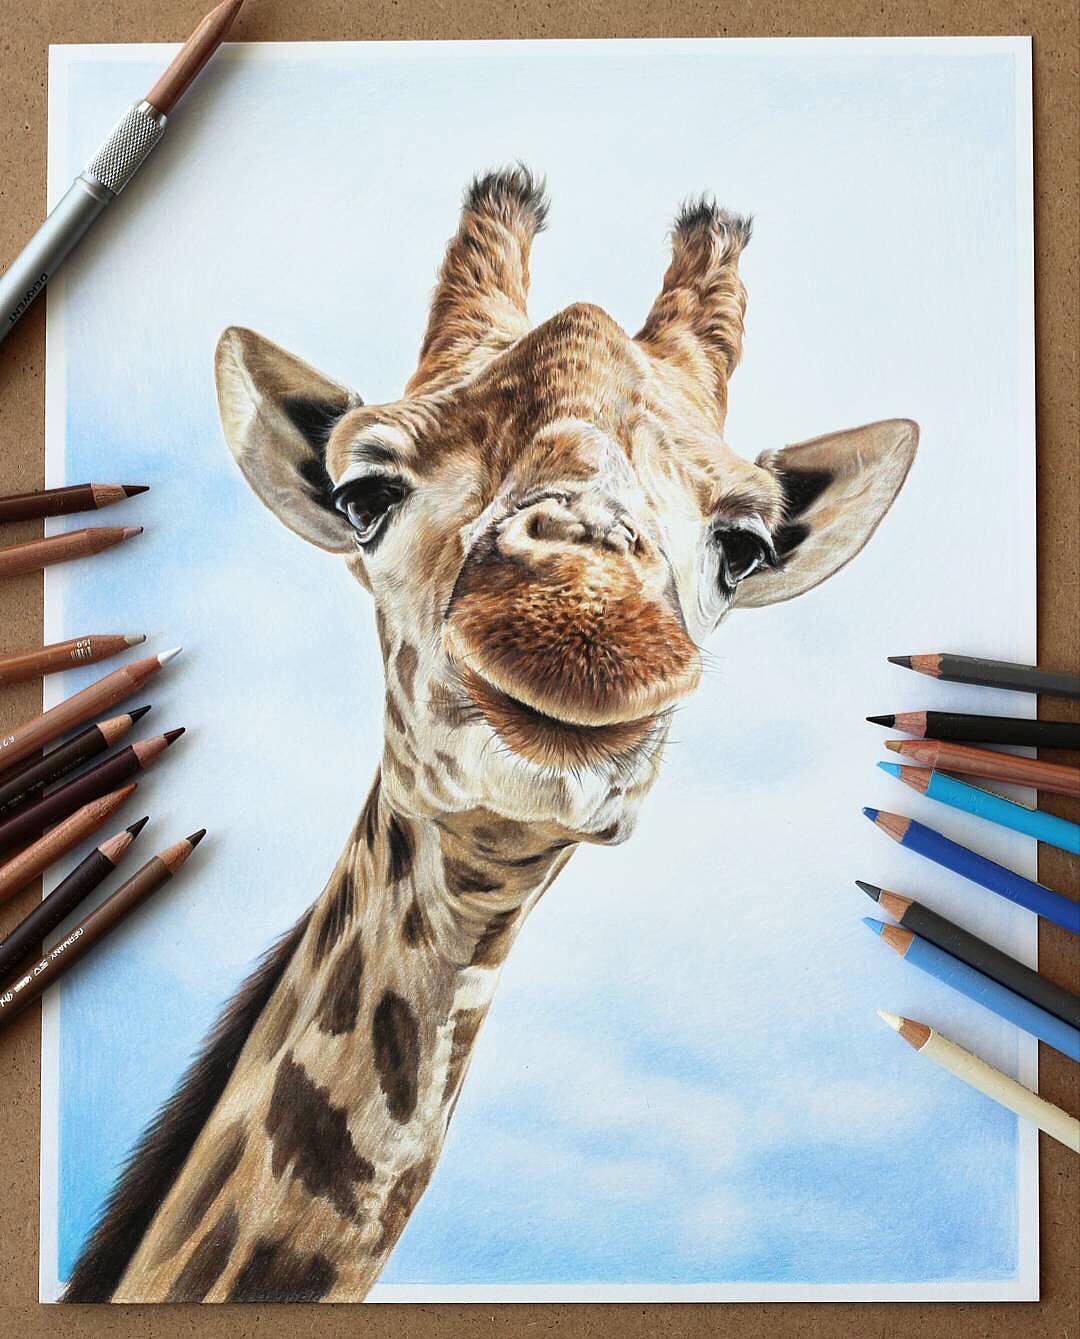 长颈鹿彩铅画_手绘-彩铅-长颈鹿|纯艺术|彩铅|Hazel_Art - 原创作品 - 站酷 (ZCOOL)